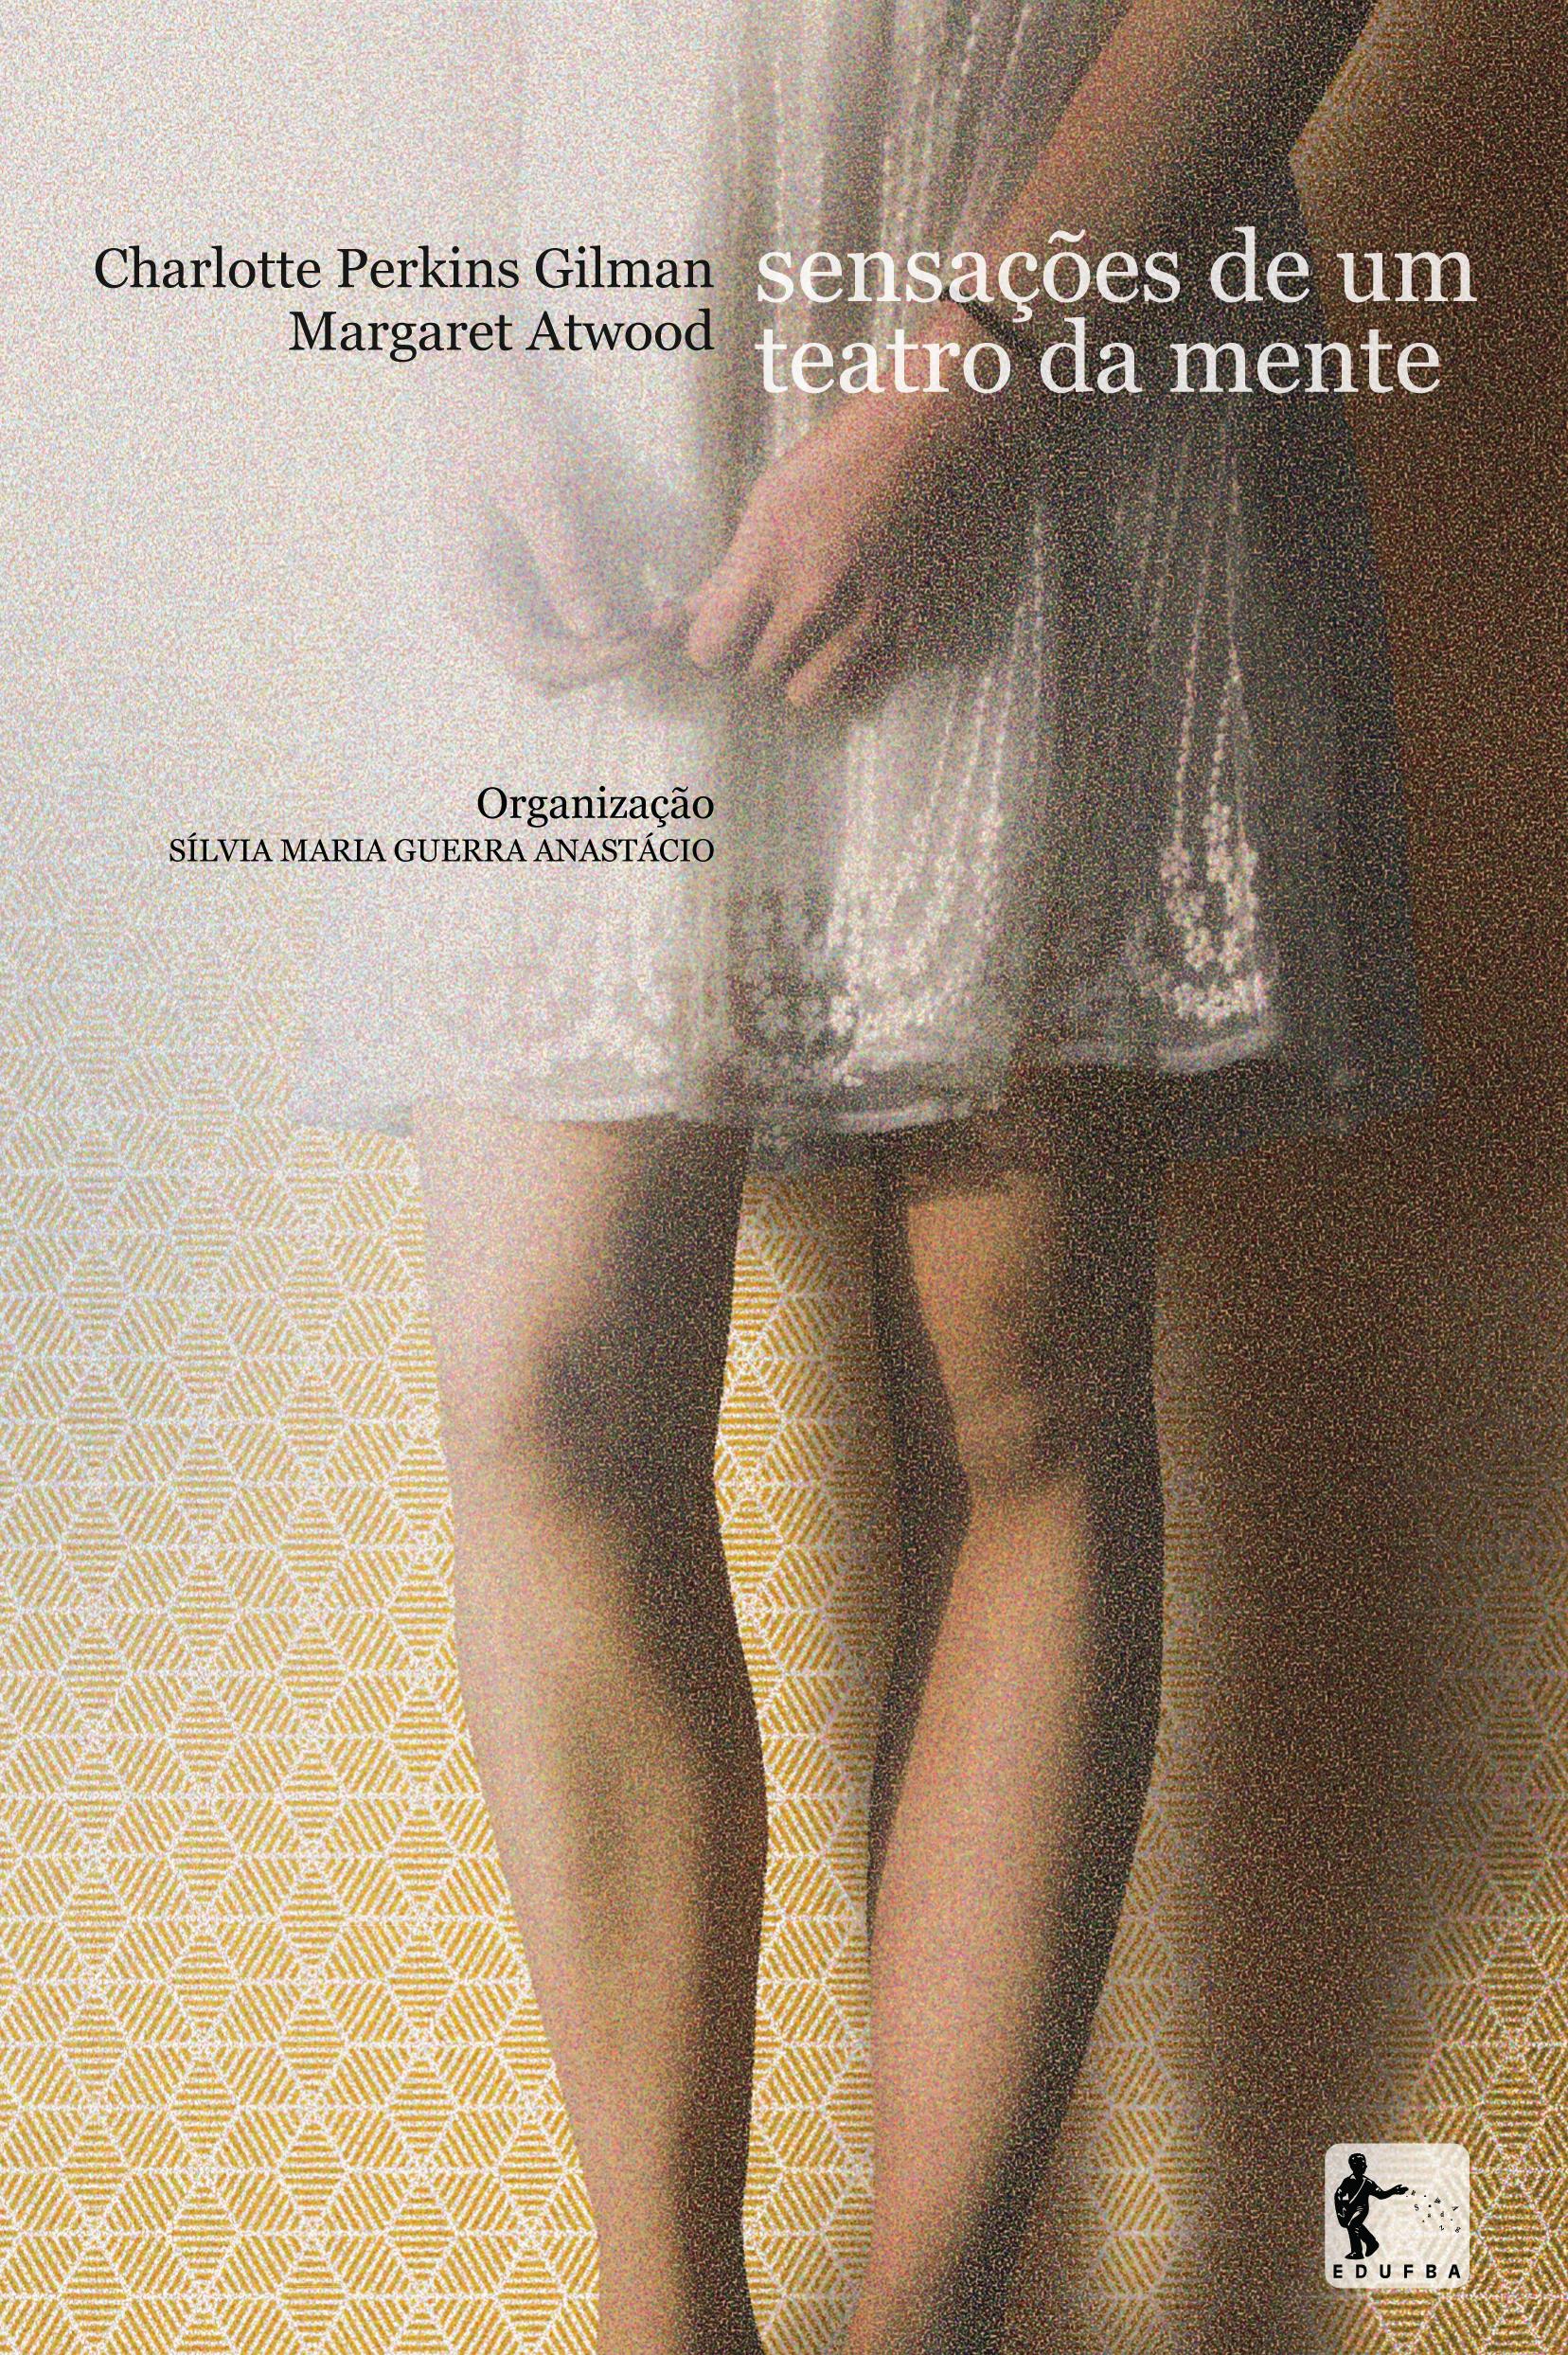 Sensações de um teatro da mente - Audiolivro [inclui CD Room], livro de Sílvia Maria Guerra Anastácio (org.)